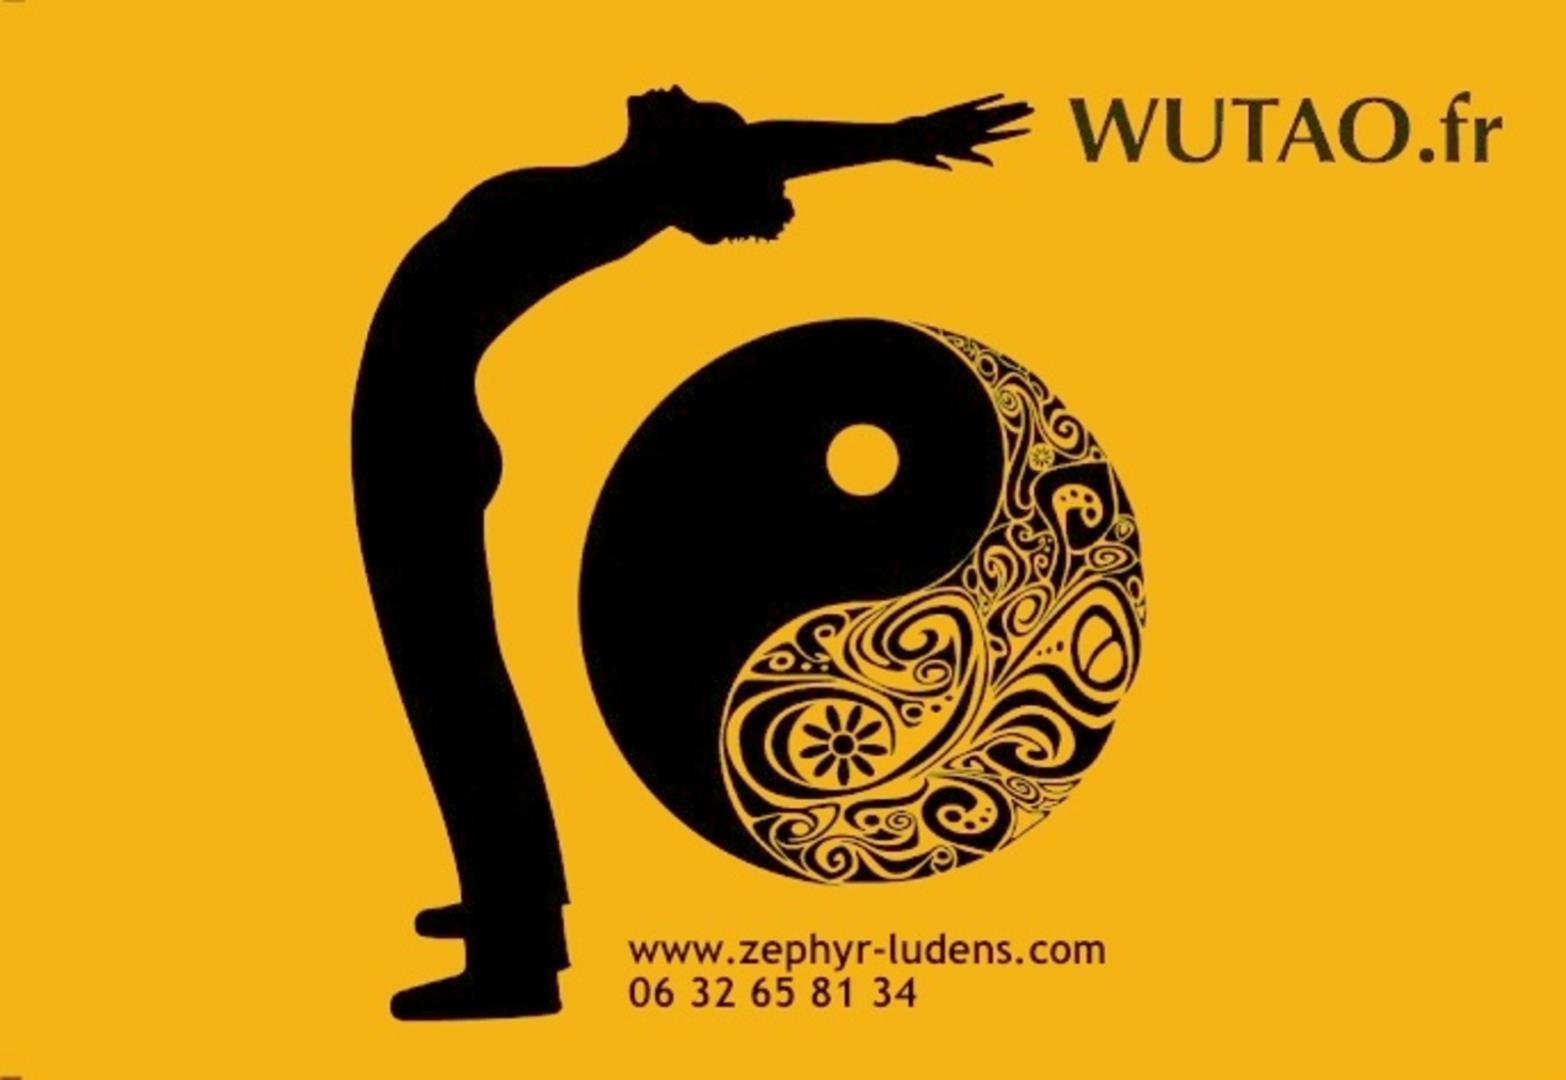 WUTAO - Zéphyr Ludens - Wutao